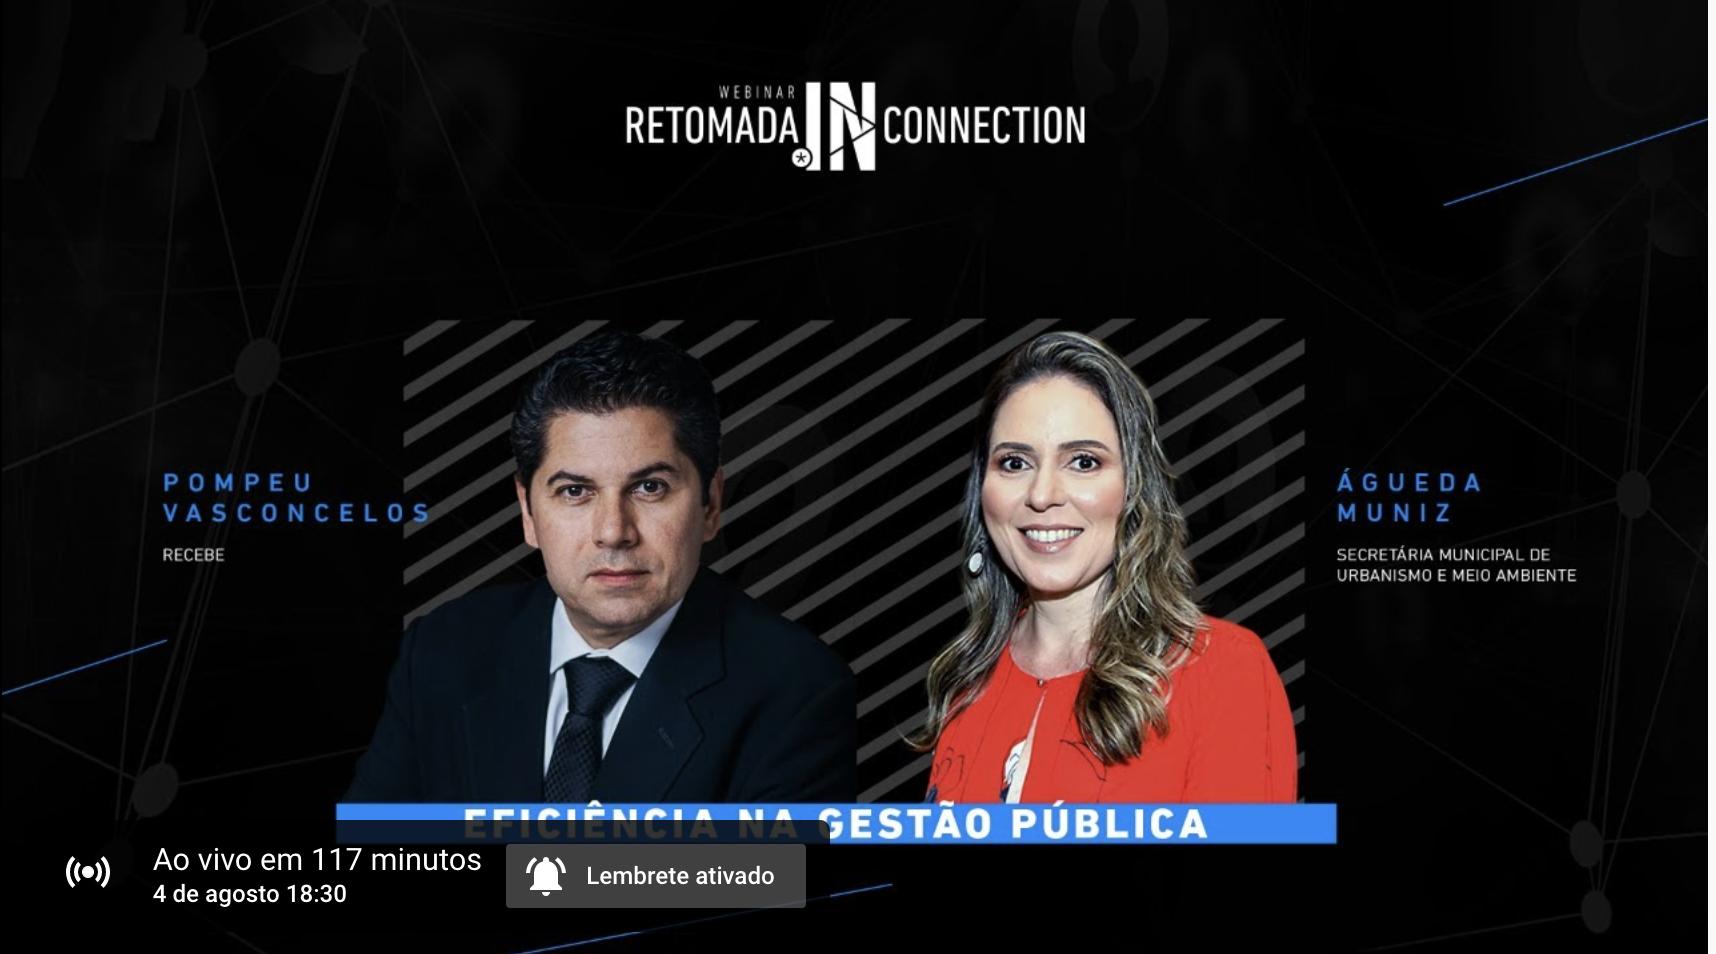 Águeda Muniz fala sobre as operações urbanas consorciadas, Zoneamento e Fortaleza Online